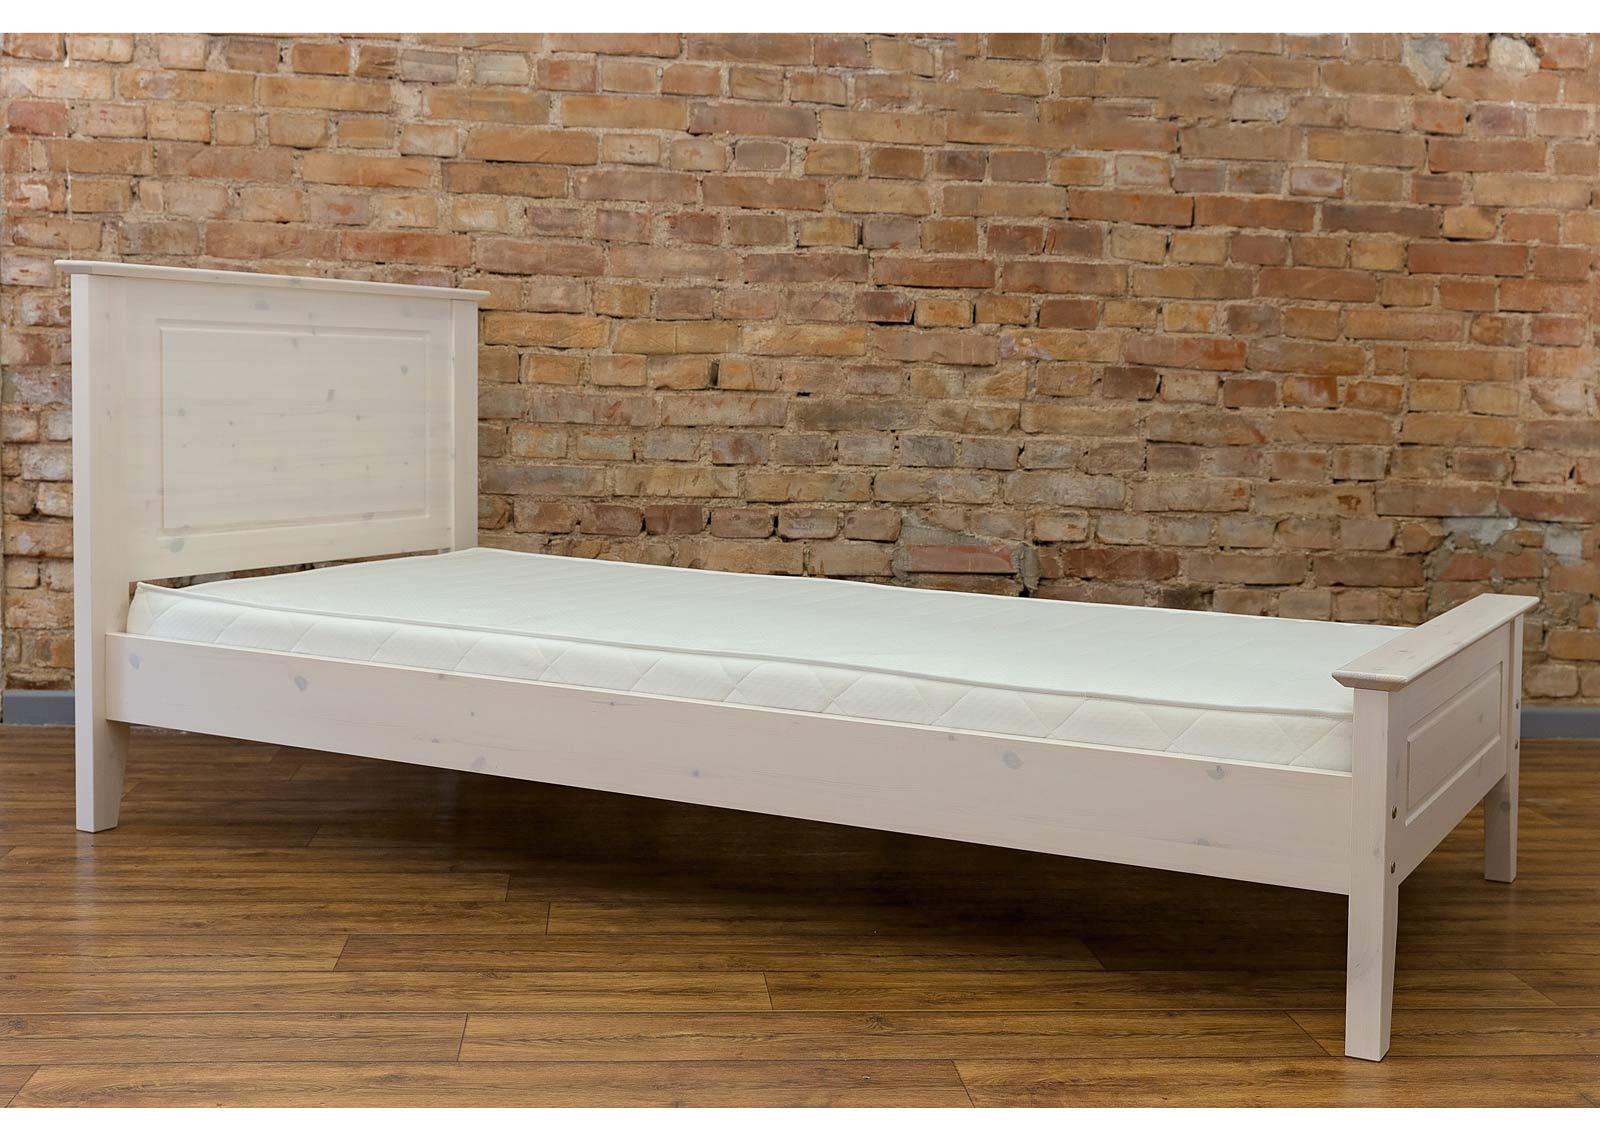 Sänky Vanamo, korkea jalkopääty 90x200 cm